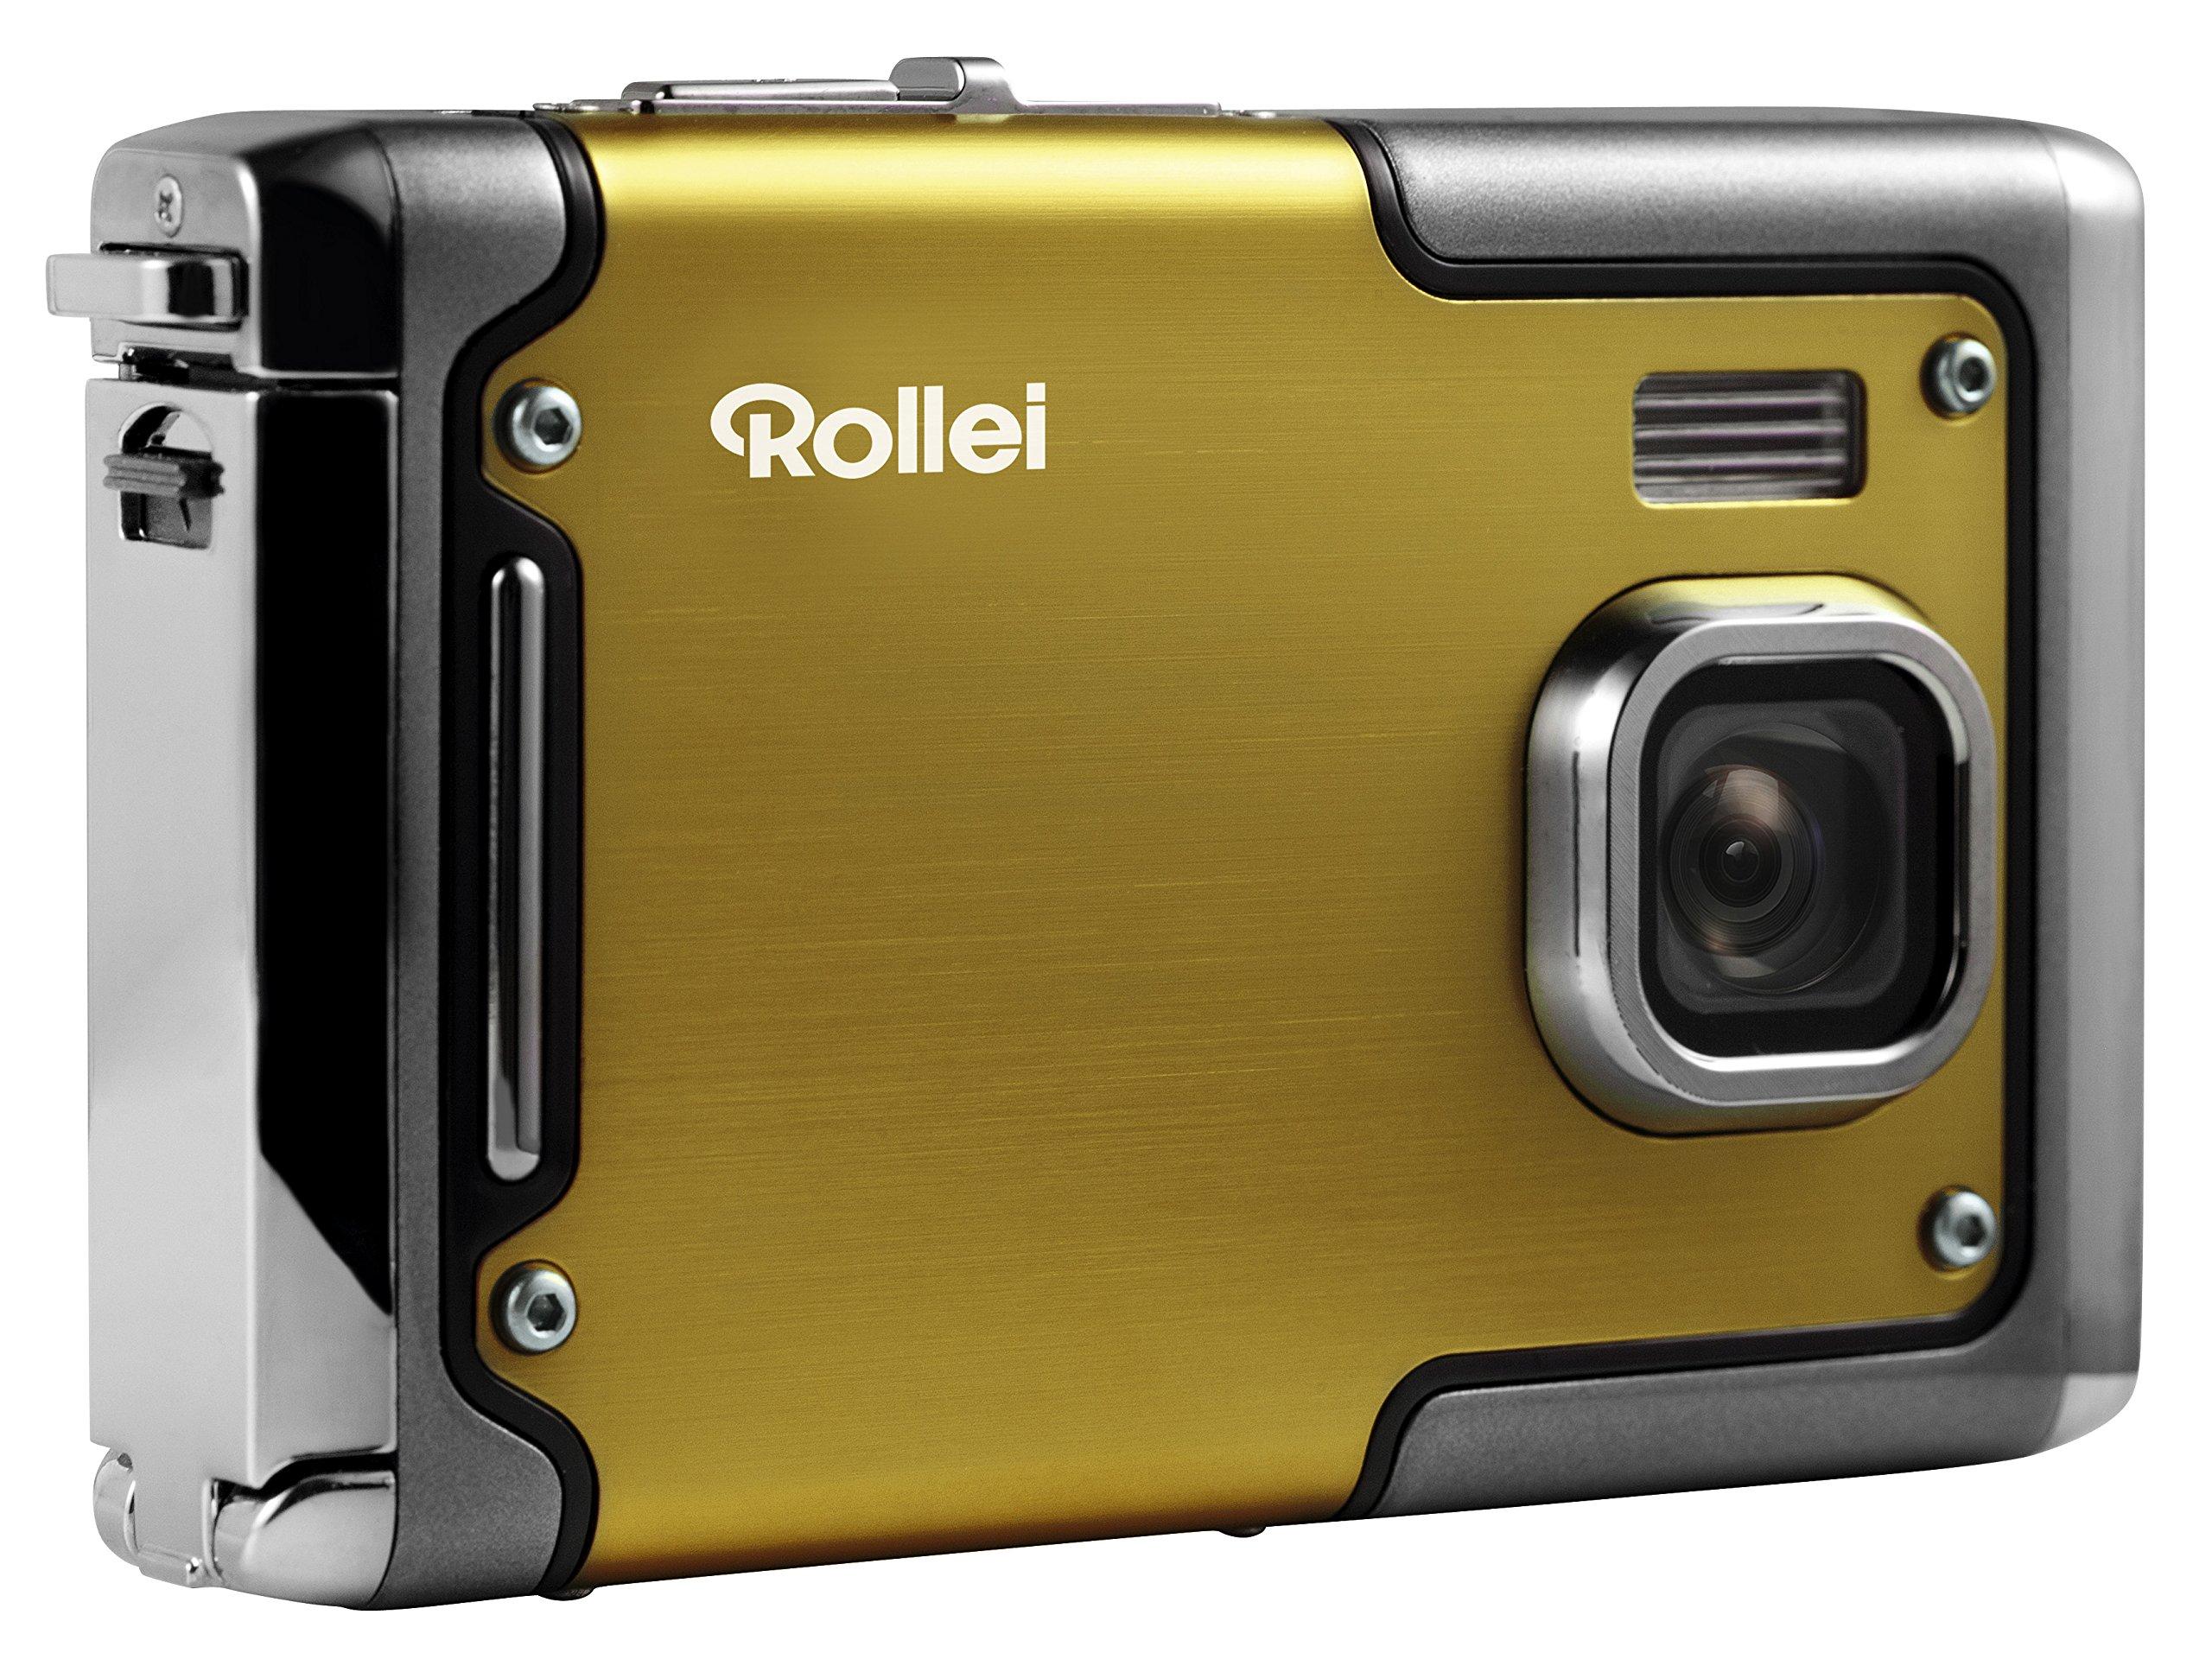 Rollei Sportsline 85 - Digital Camera - 8 Megapixels, 1080p Full HD Video Resolution, Waterproof up to 3 meters - Yellow